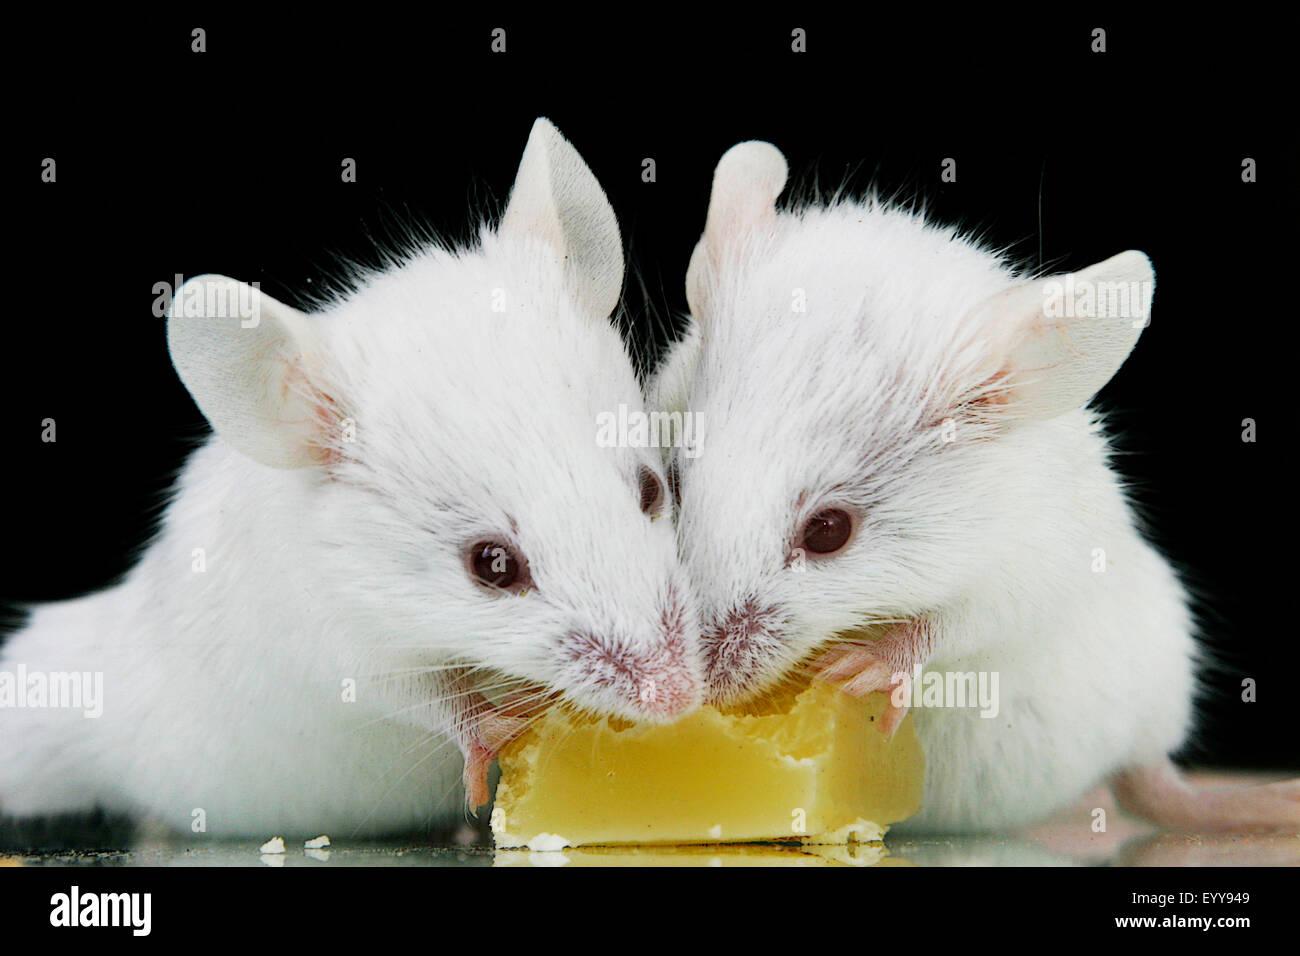 Mice Rodents Stockfotos & Mice Rodents Bilder - Alamy